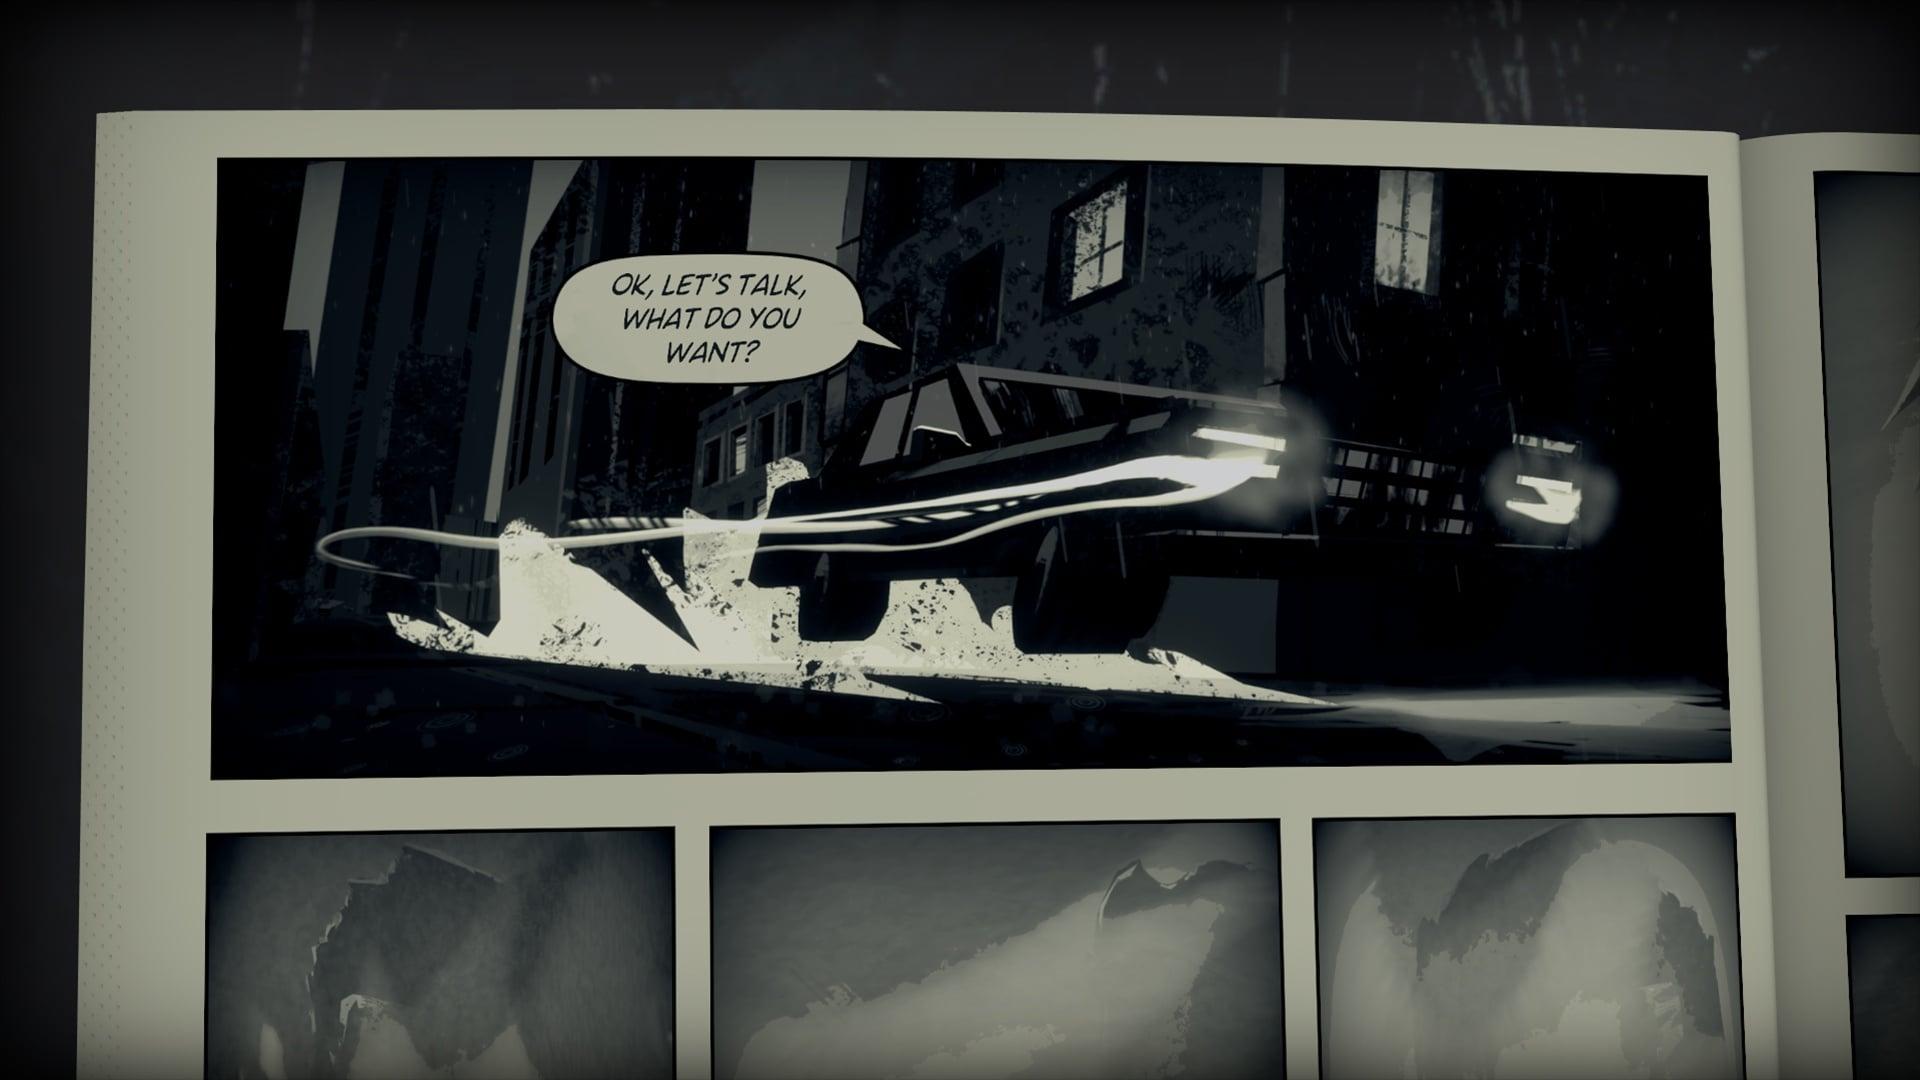 Atomic Wolf Annuncia Liberated E Il Suo Futuro Distopico 2 - Hynerd.it